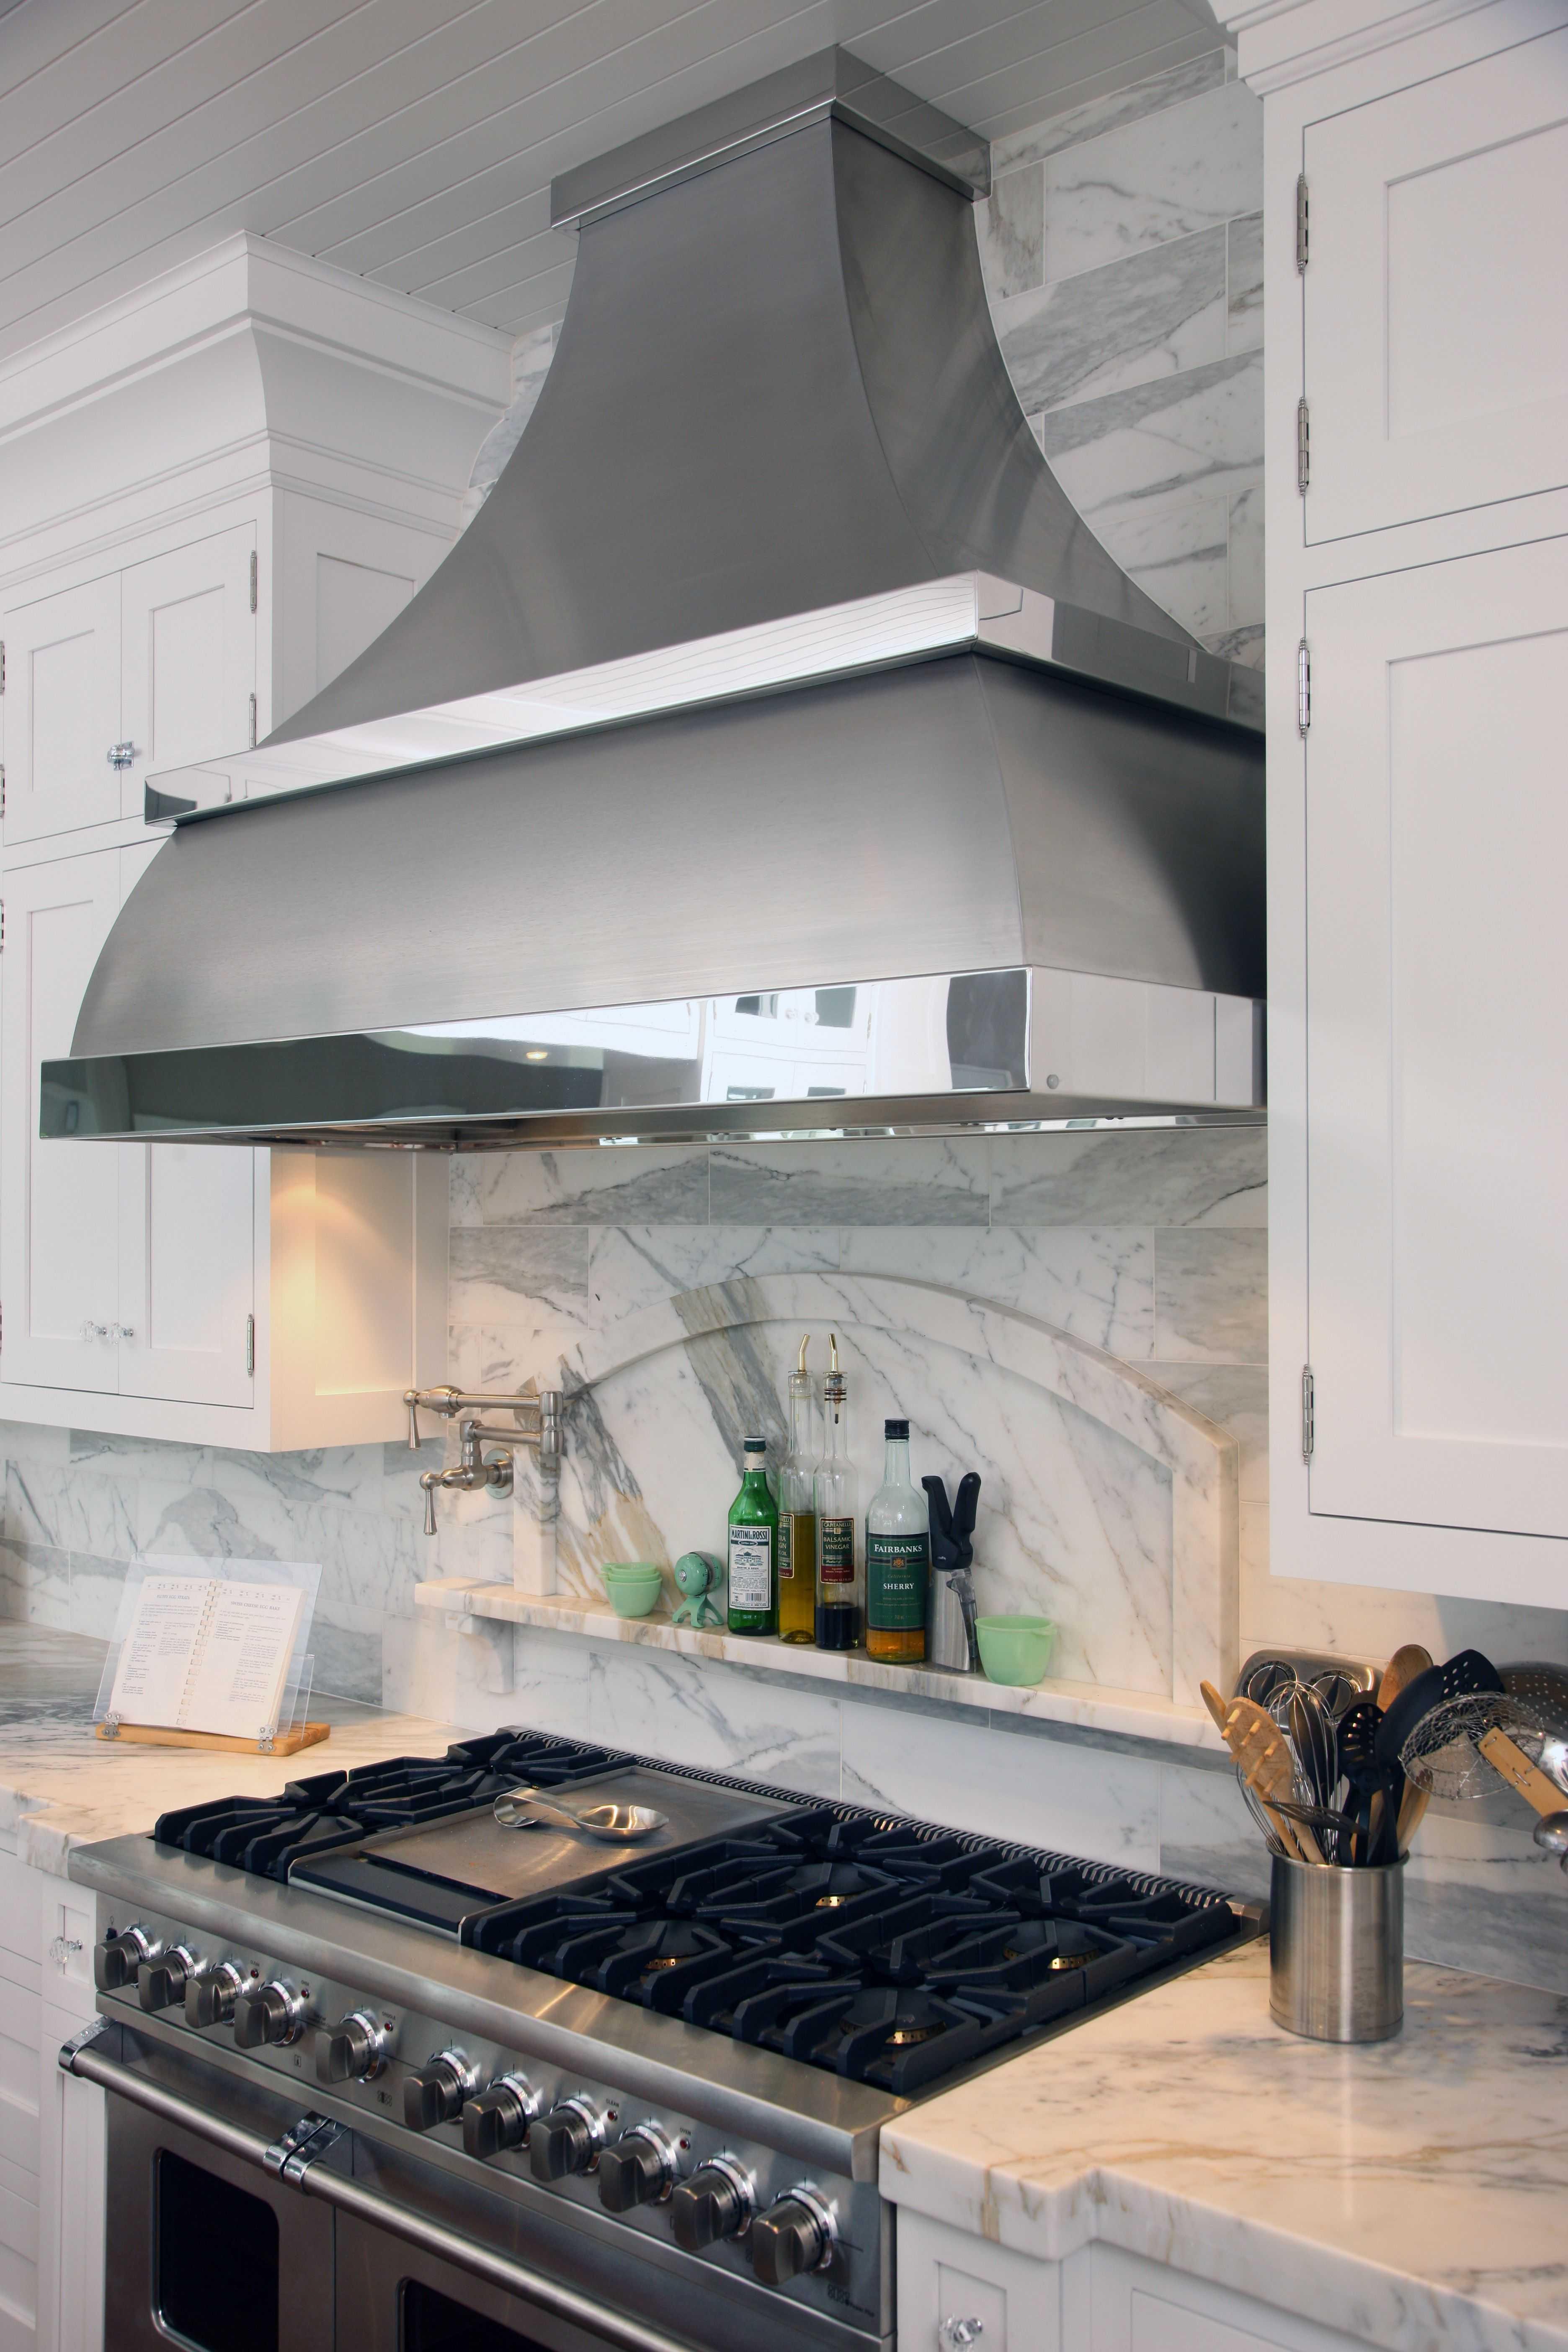 Как правильно выбрать вытяжку для кухни: советы, отзывы | строительные материалы